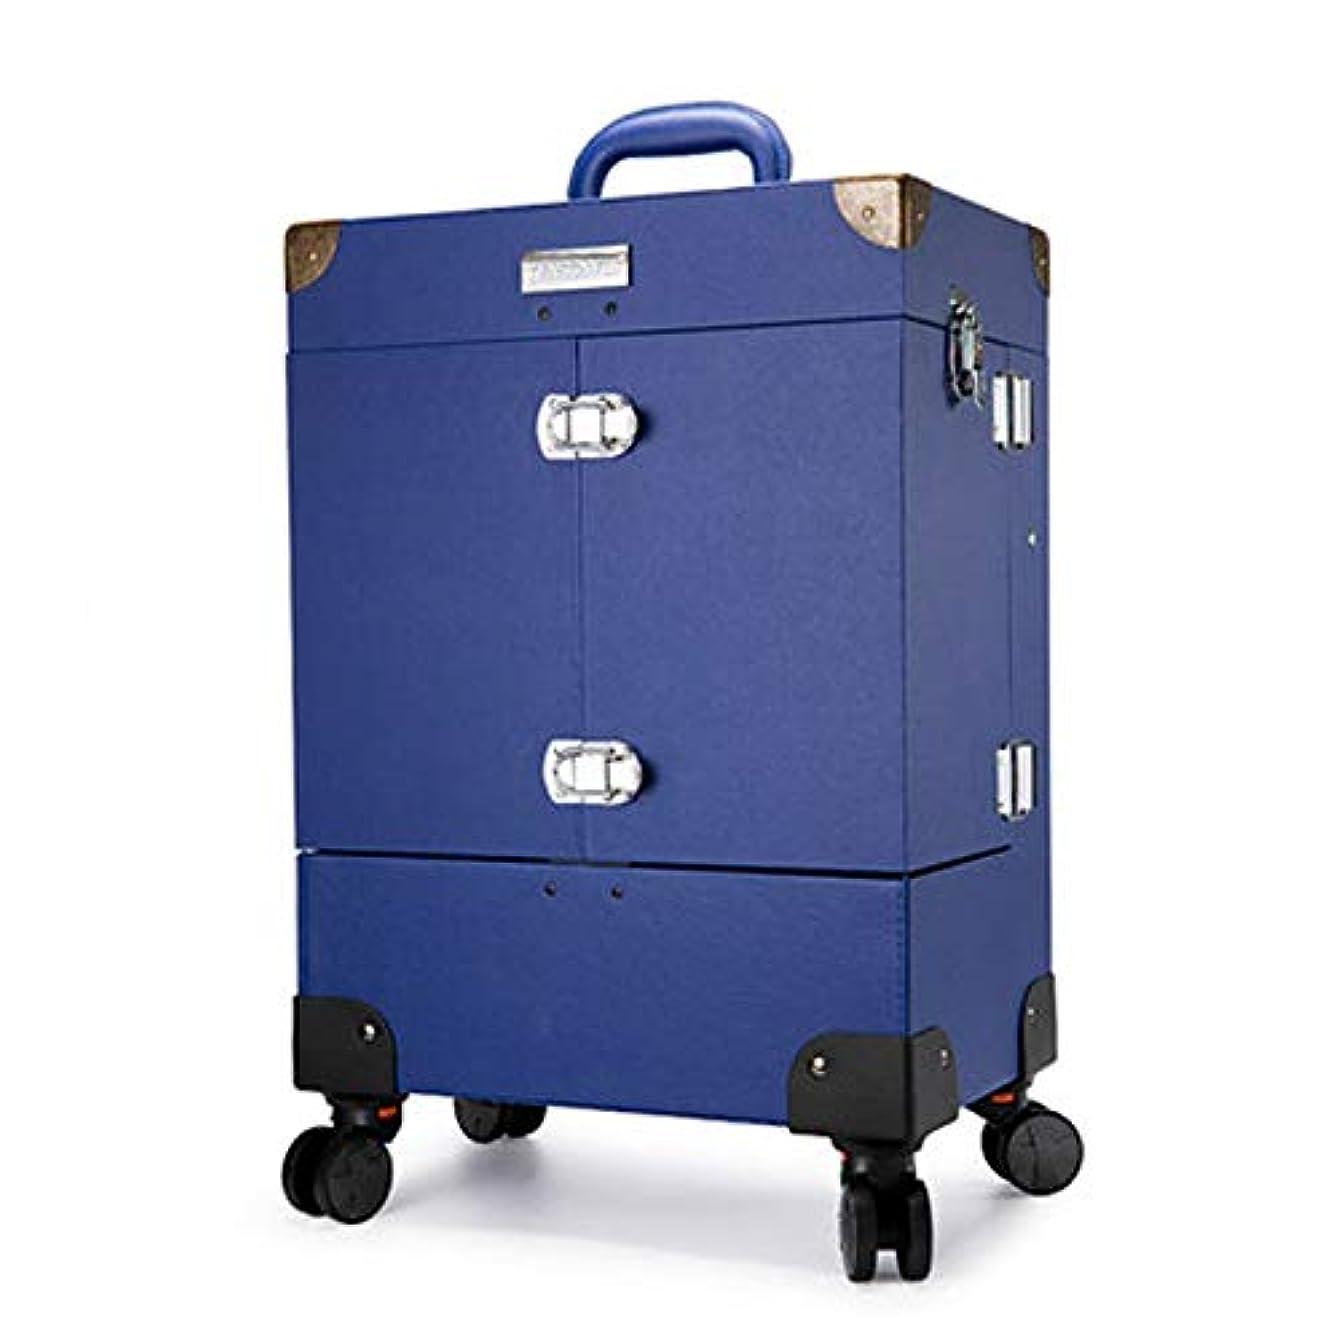 どのくらいの頻度で盆で出来ているプロ専用 ネイリスト クローゼット スーツケース ネイル収納 メイクボックス キャリーバッグ ヘアメイク ネイル 大容量 軽量 高品質 多機能 プロ I-JL-3505T-BL